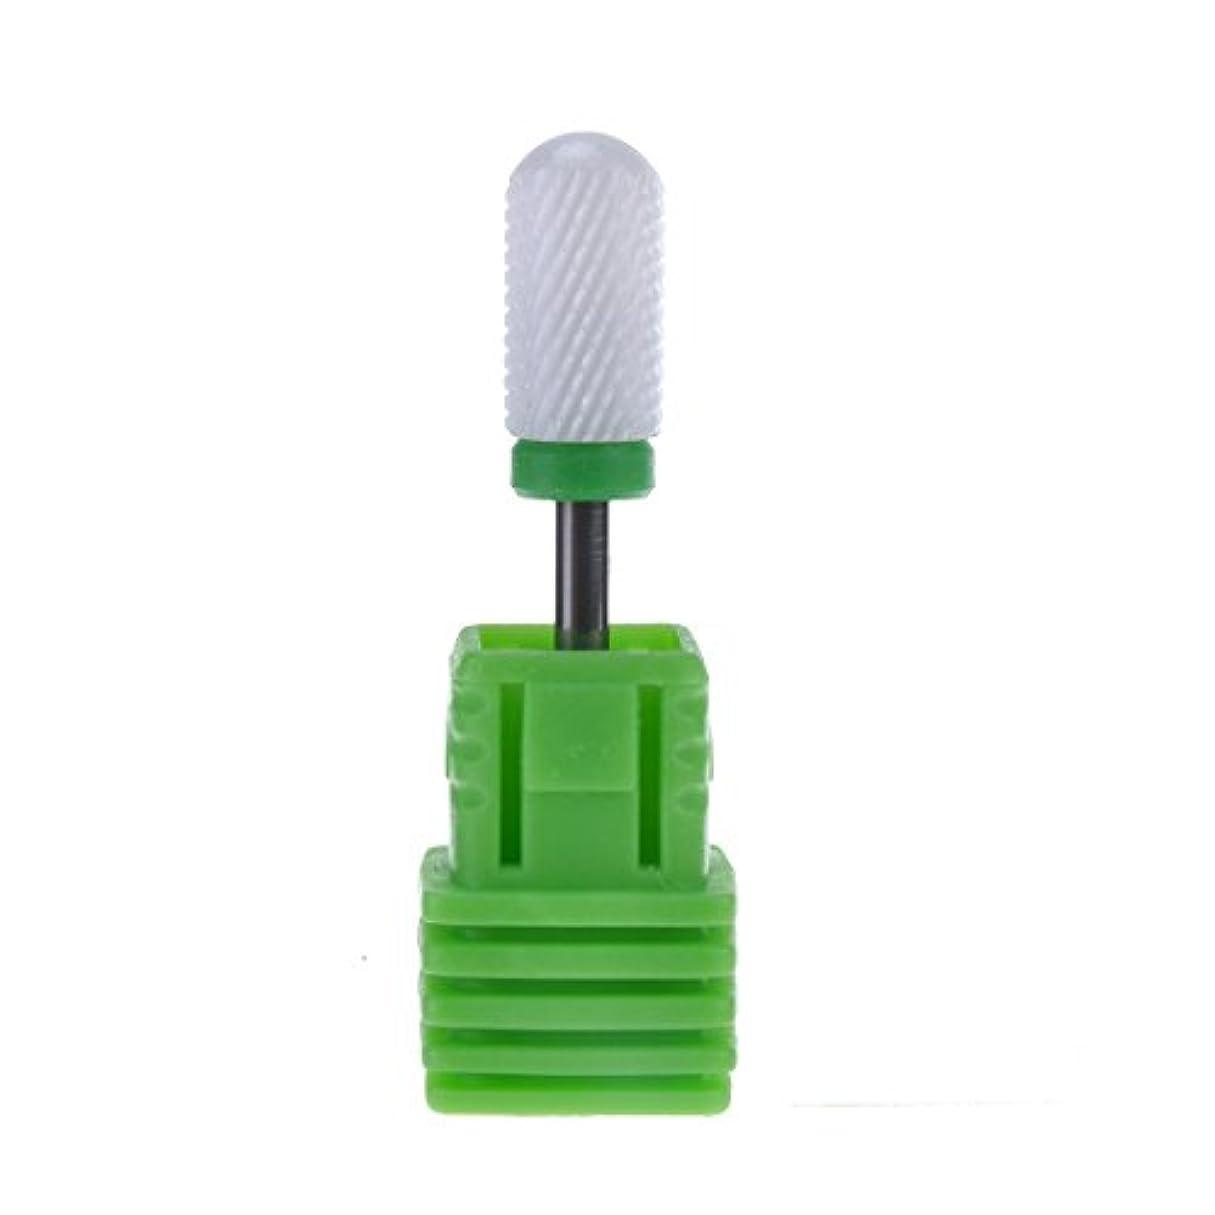 ブランク言う控えるBiutee 陶磁器ドリルビット 6.6mm*13mm ネイルドリルビット ロータリーファイル 研削ネイル 切削工具 ドリルビット ネイルアートファイル ドリル ビット 付け爪用にも 耐摩耗性 耐腐食性 高硬度 (C)